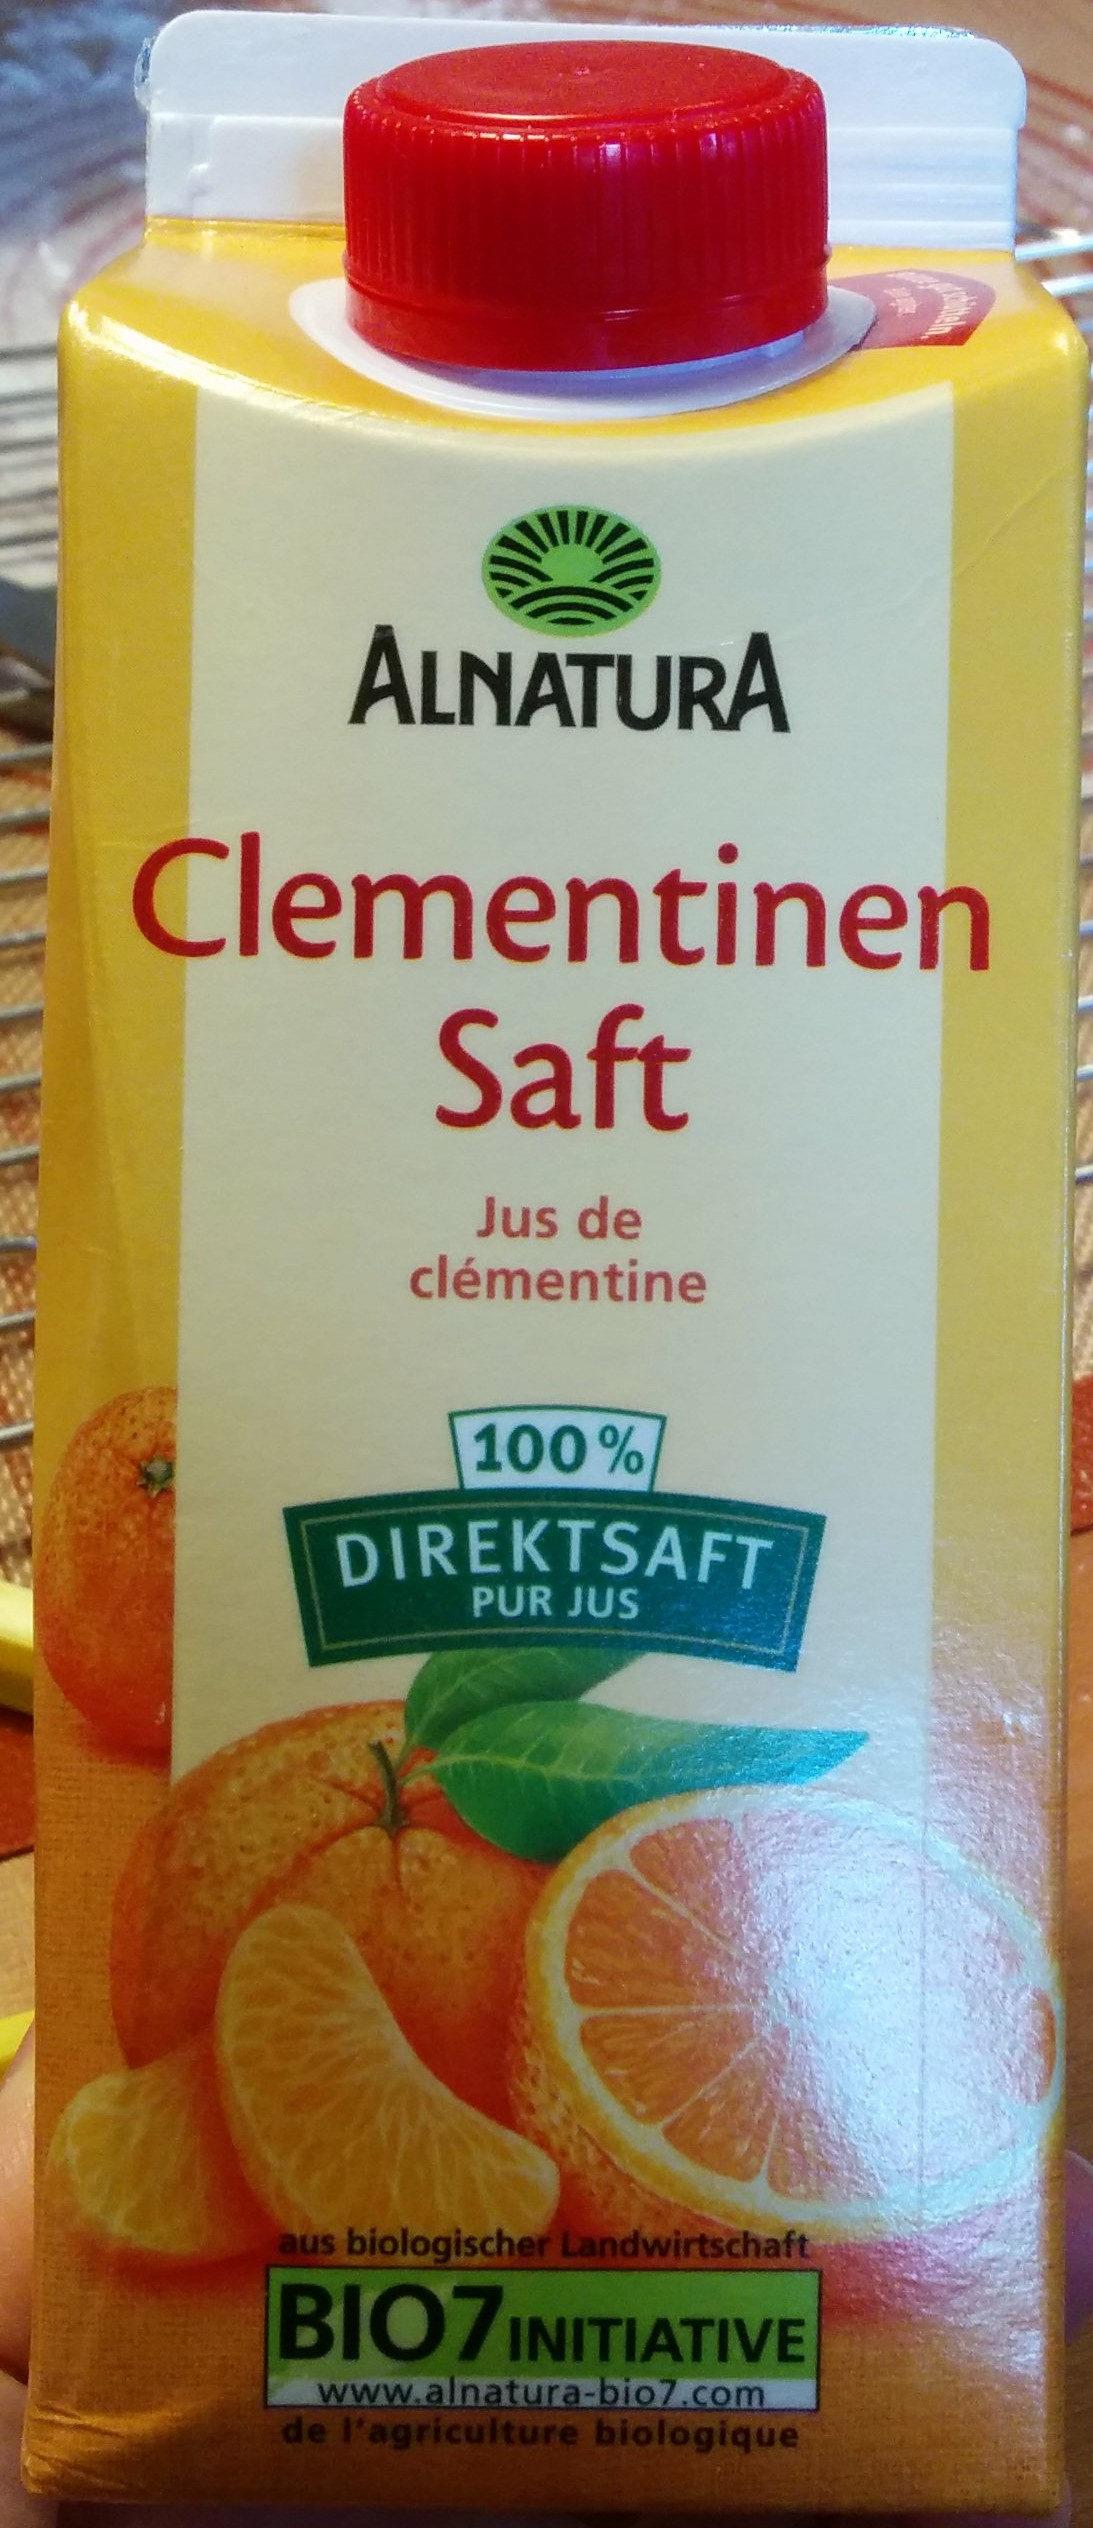 Jus de clementine - Product